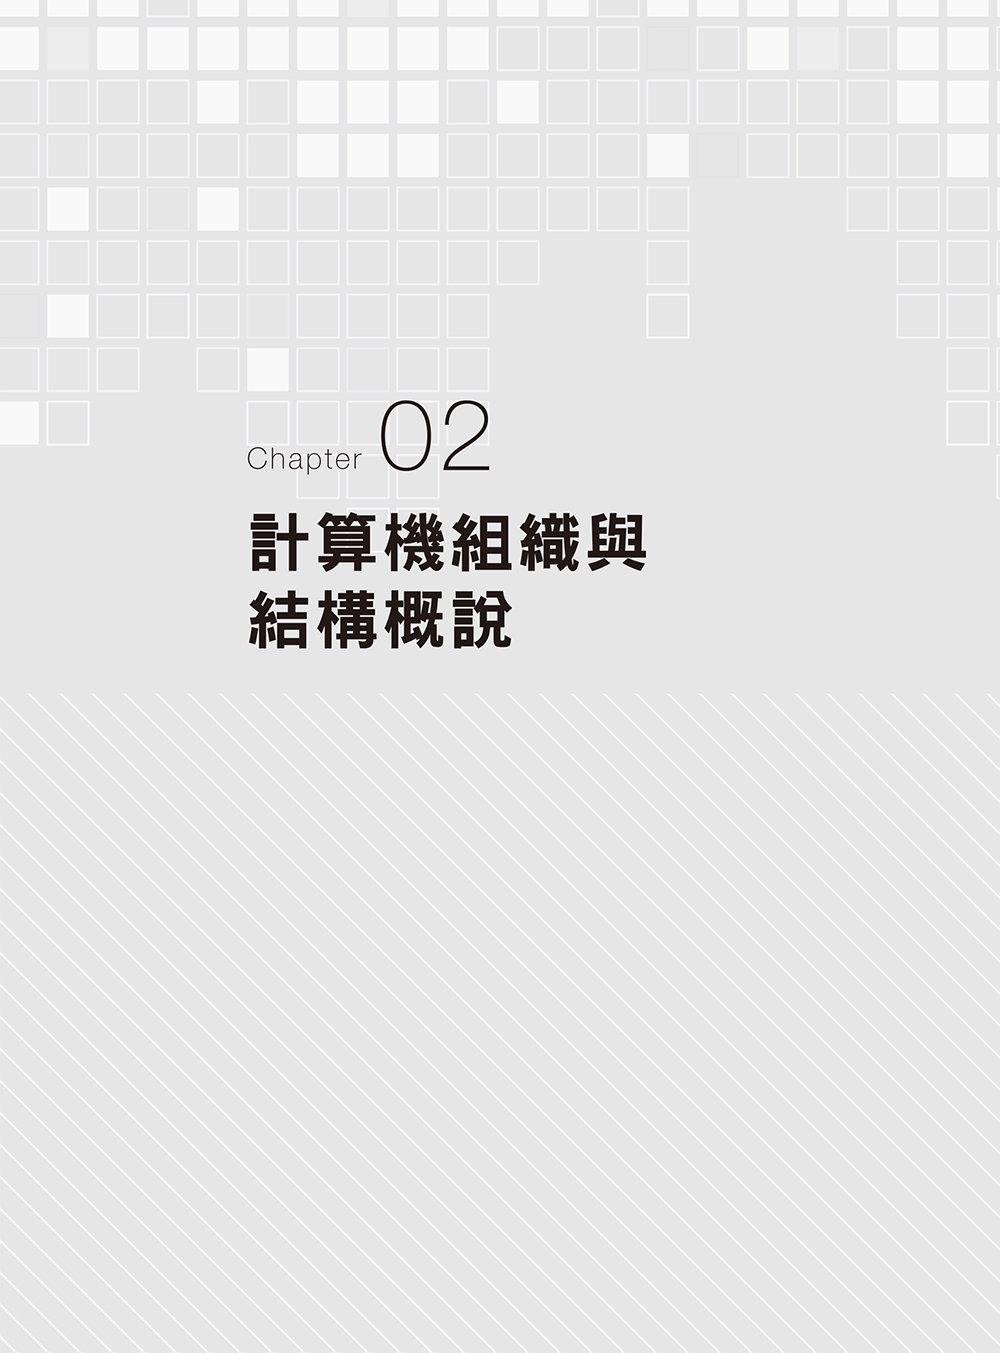 計算機組成原理-基礎知識揭密與系統程式設計初步-preview-11